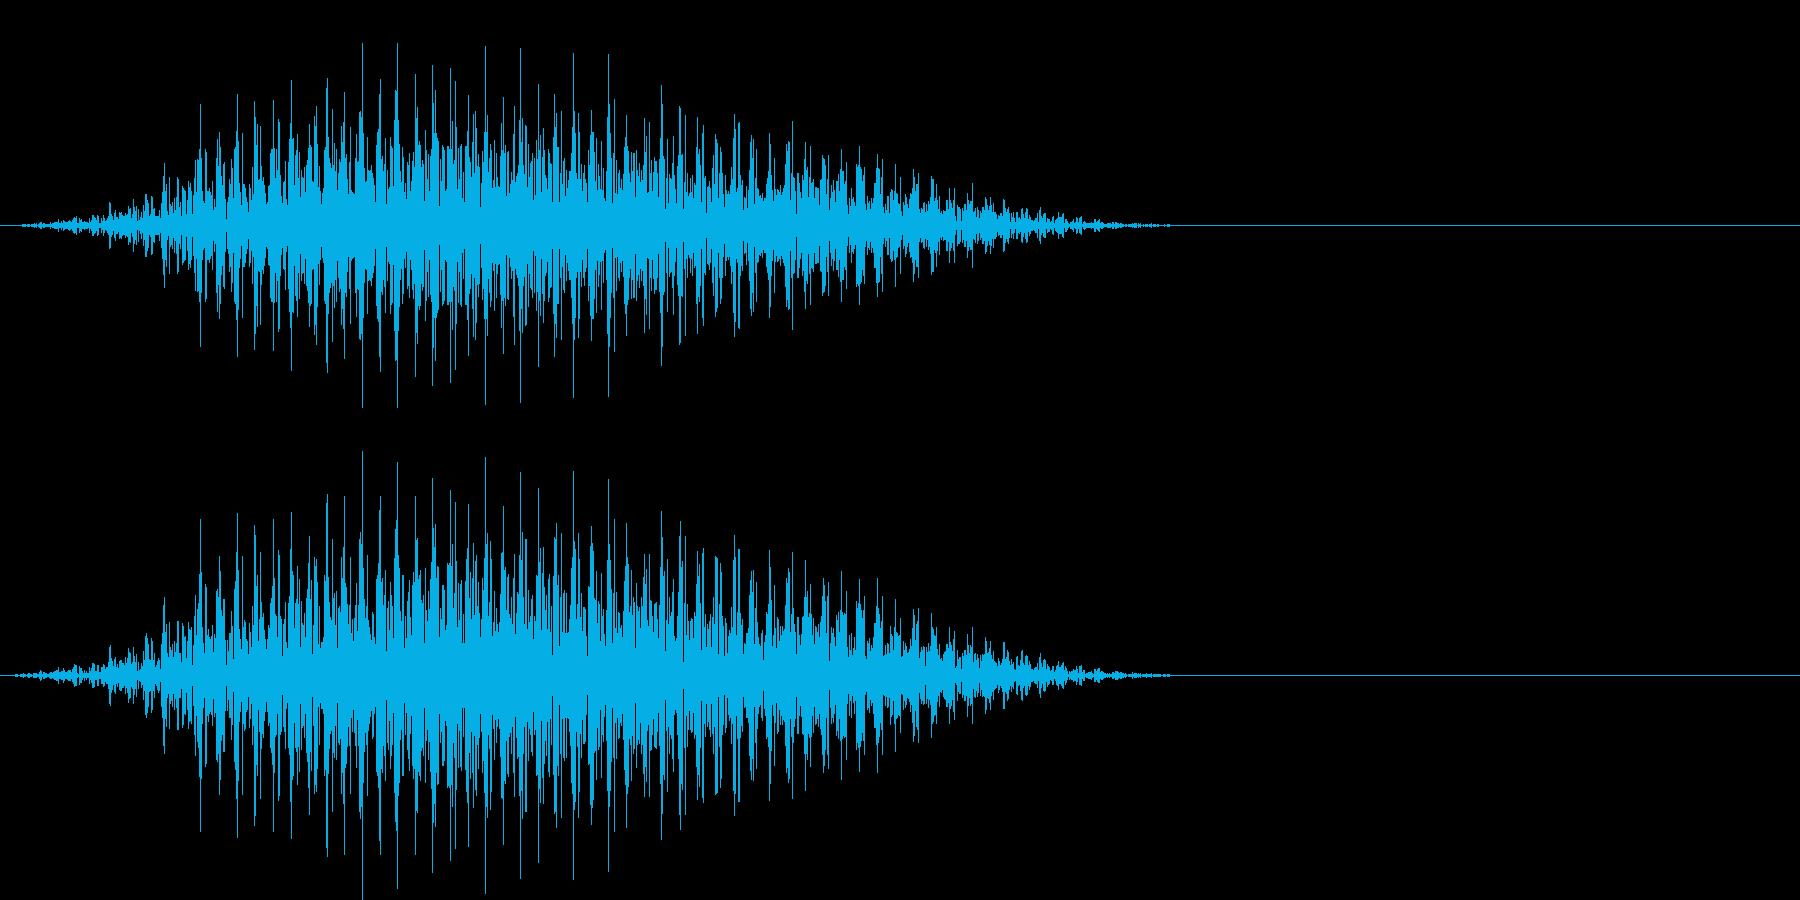 ウシガエルの鳴き声(牛のような低い声)の再生済みの波形